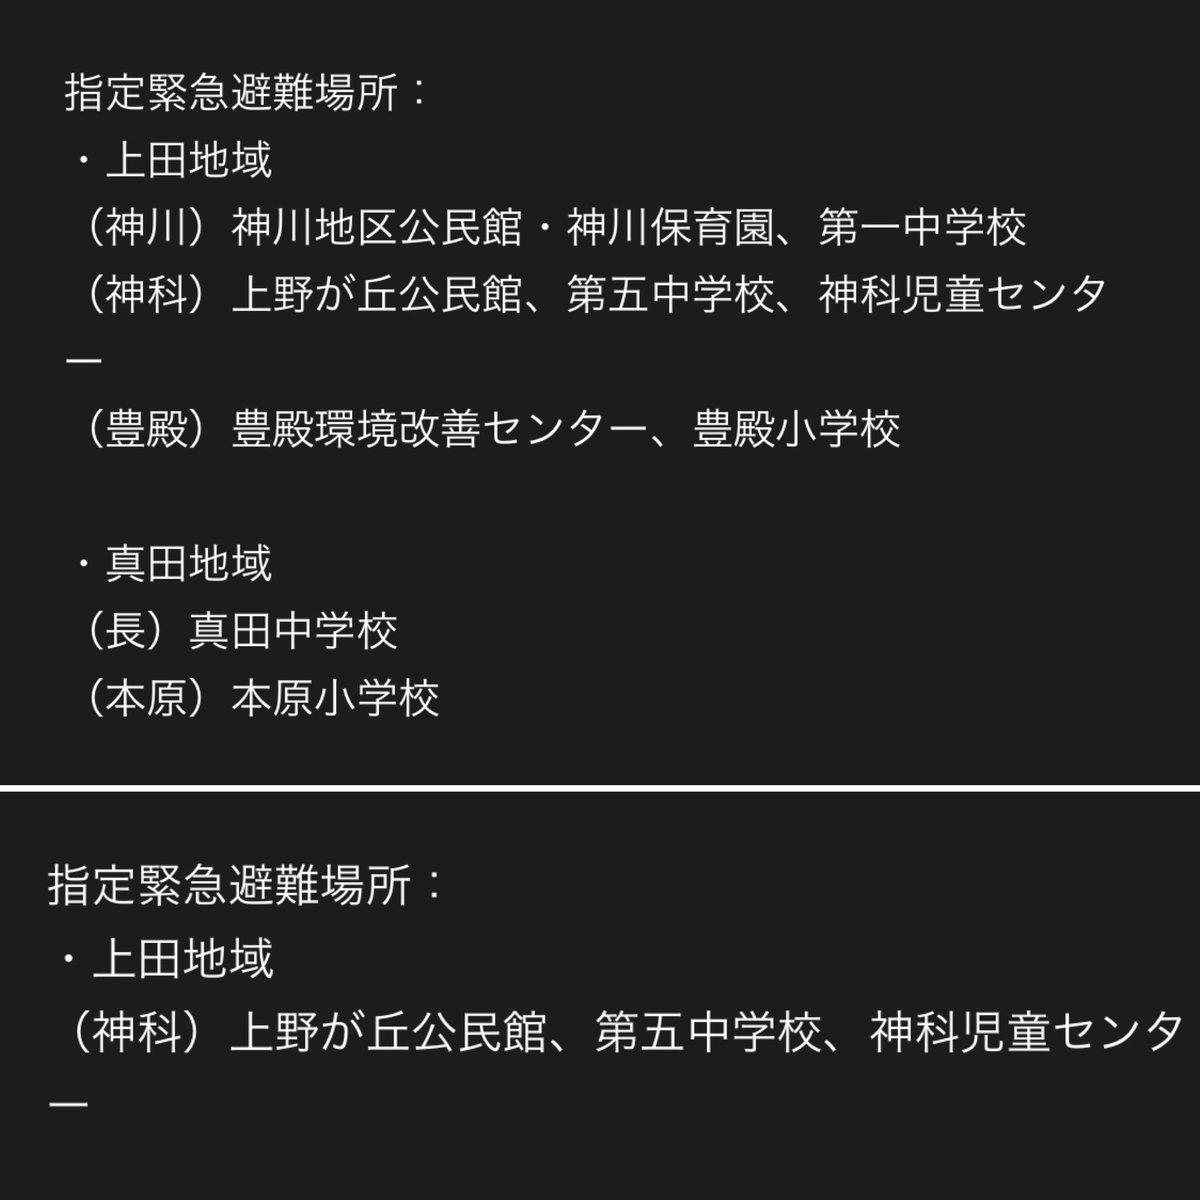 ホームページ 神川 小学校